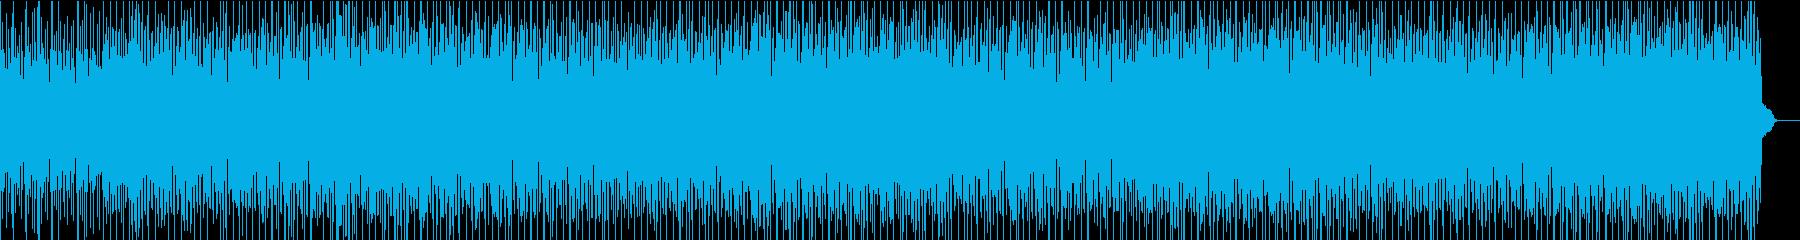 不穏な感じのテクノビート_推理、パズルの再生済みの波形